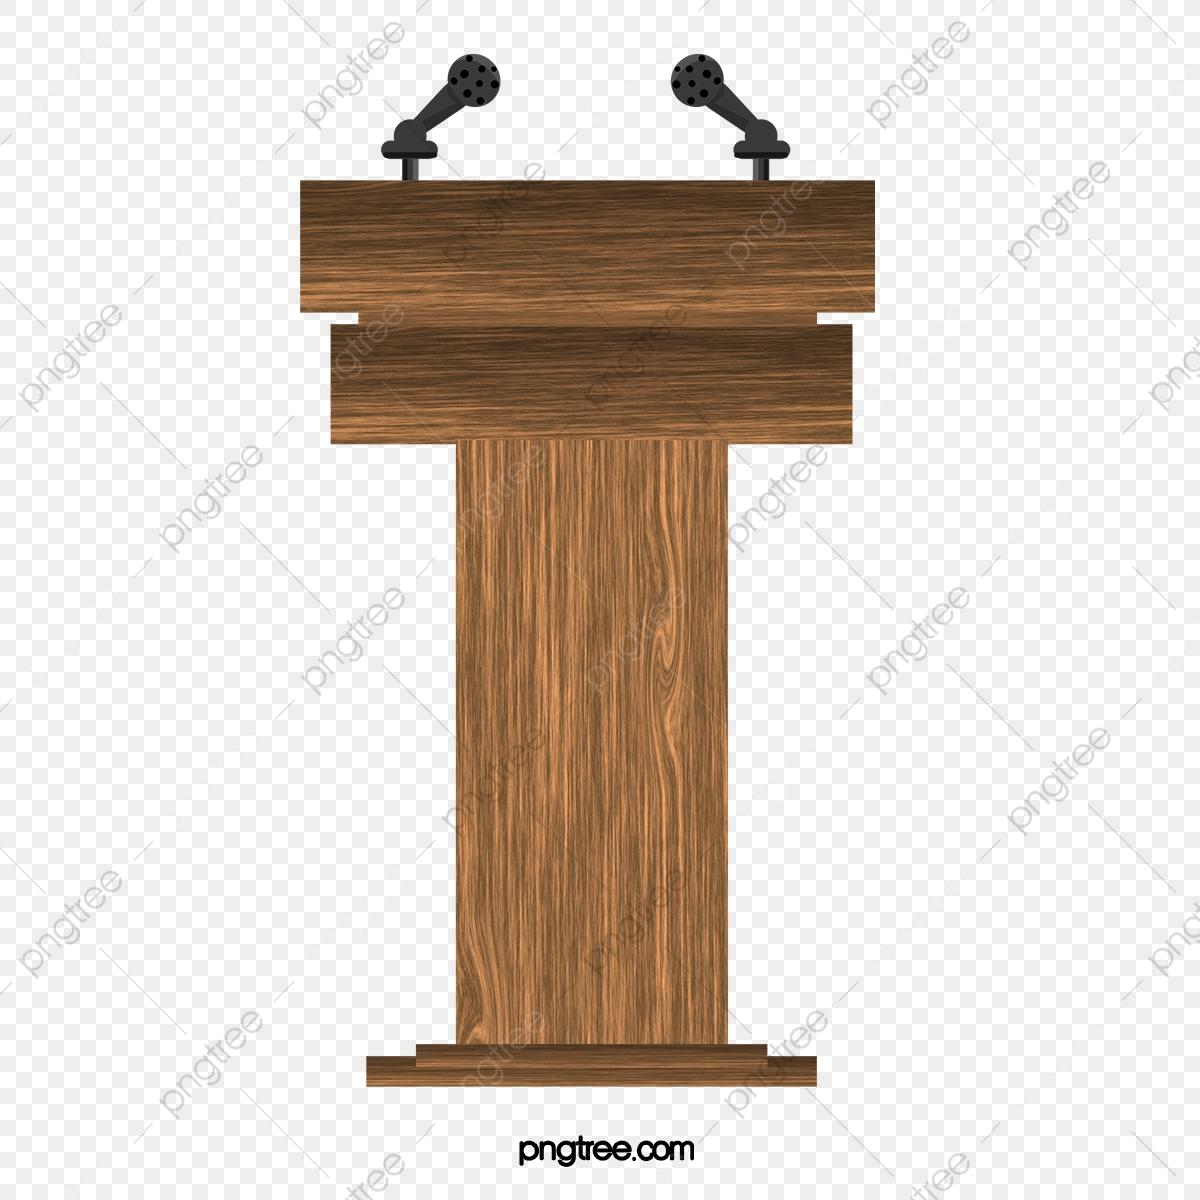 Vector Wooden Podium, Wooden Podium, Podium, Cartoon Podium.